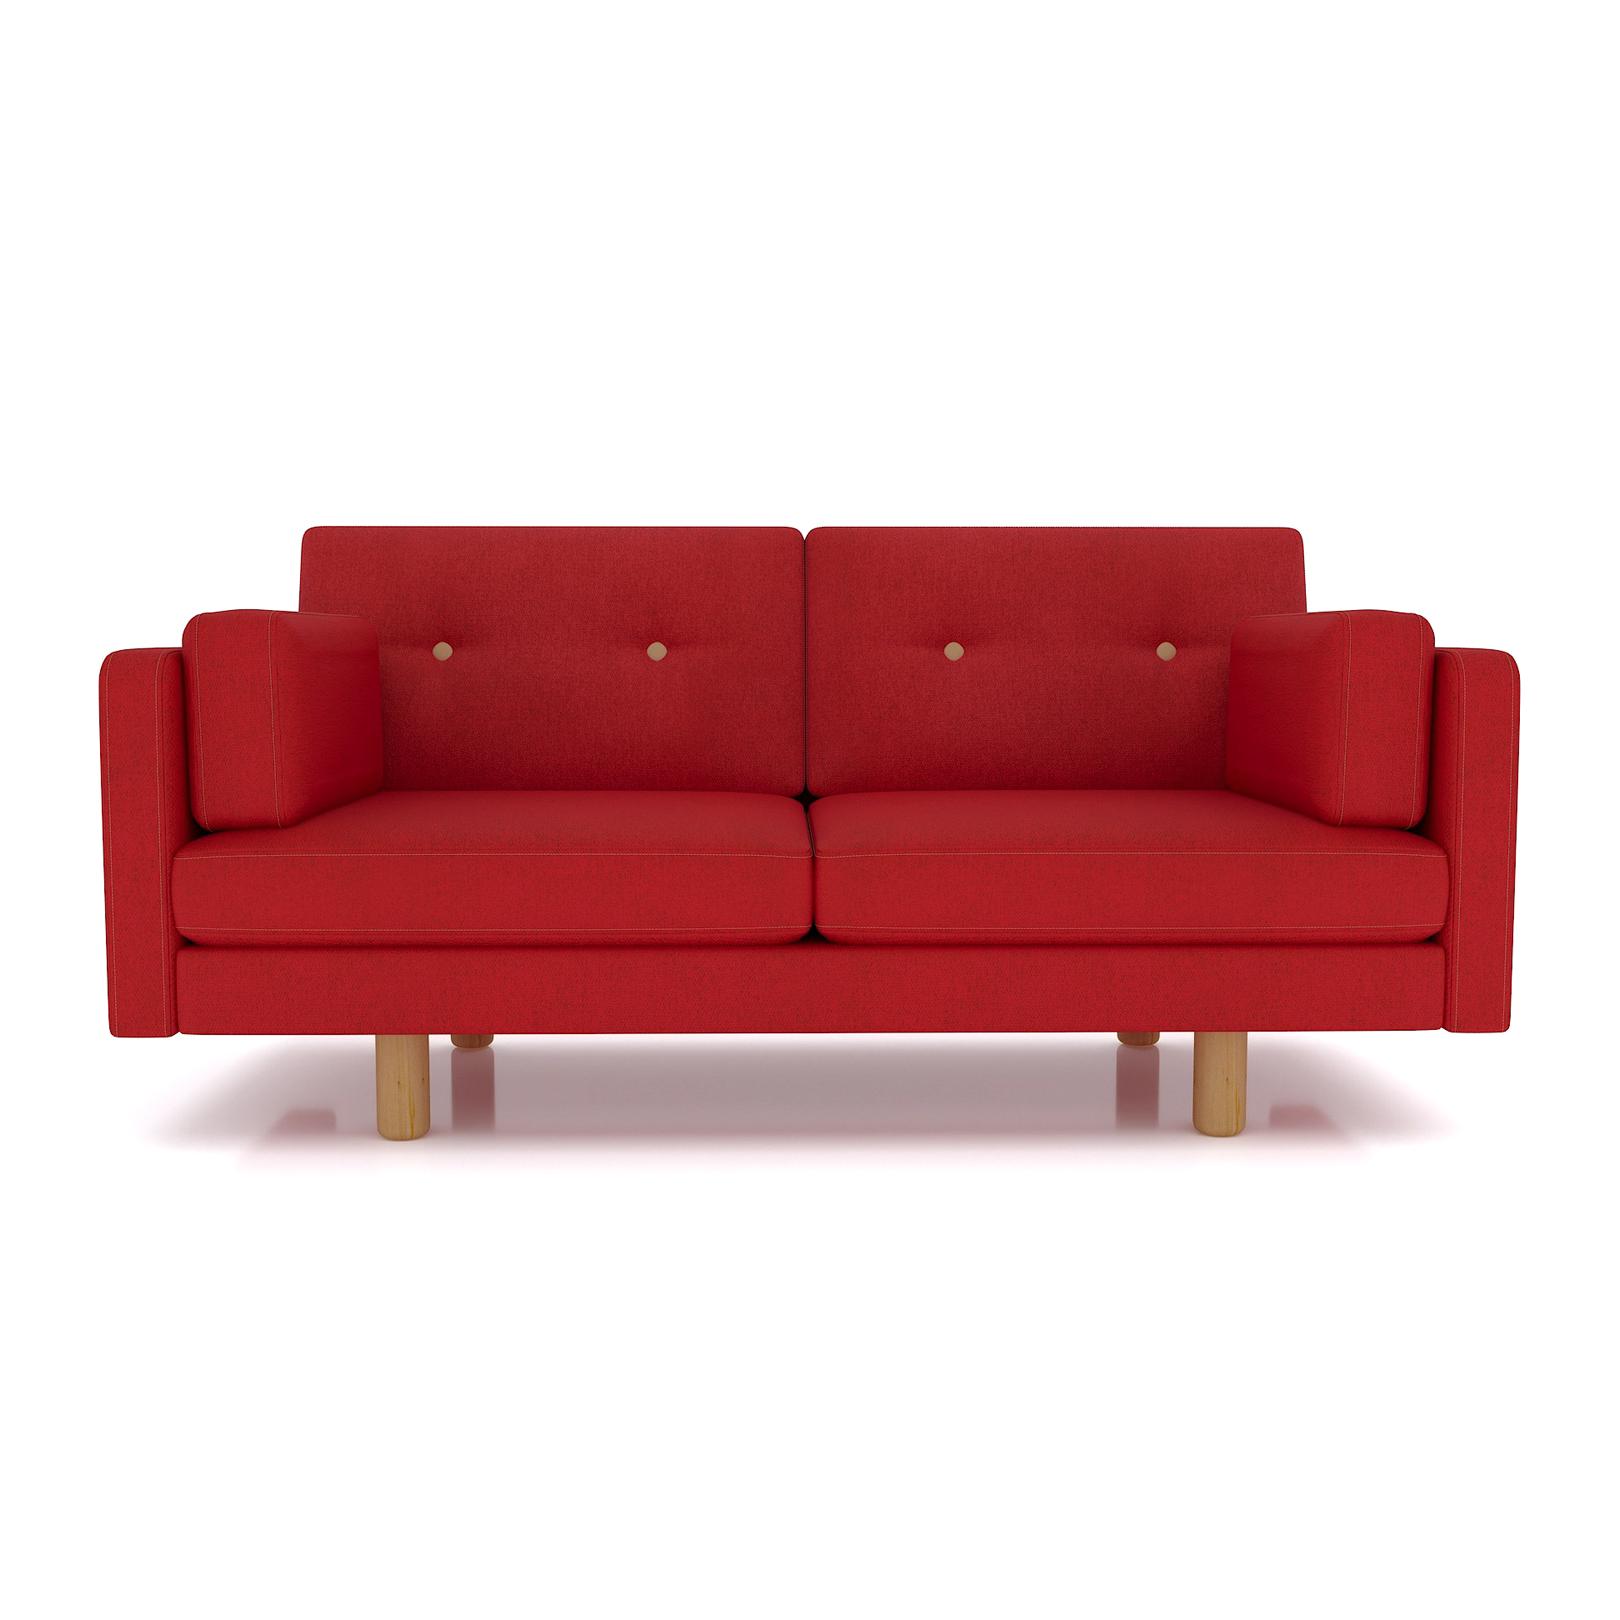 Фото - Диван AS Изабелла м 167x80x83 красный диван as изабелла м 167x80x83 голубой